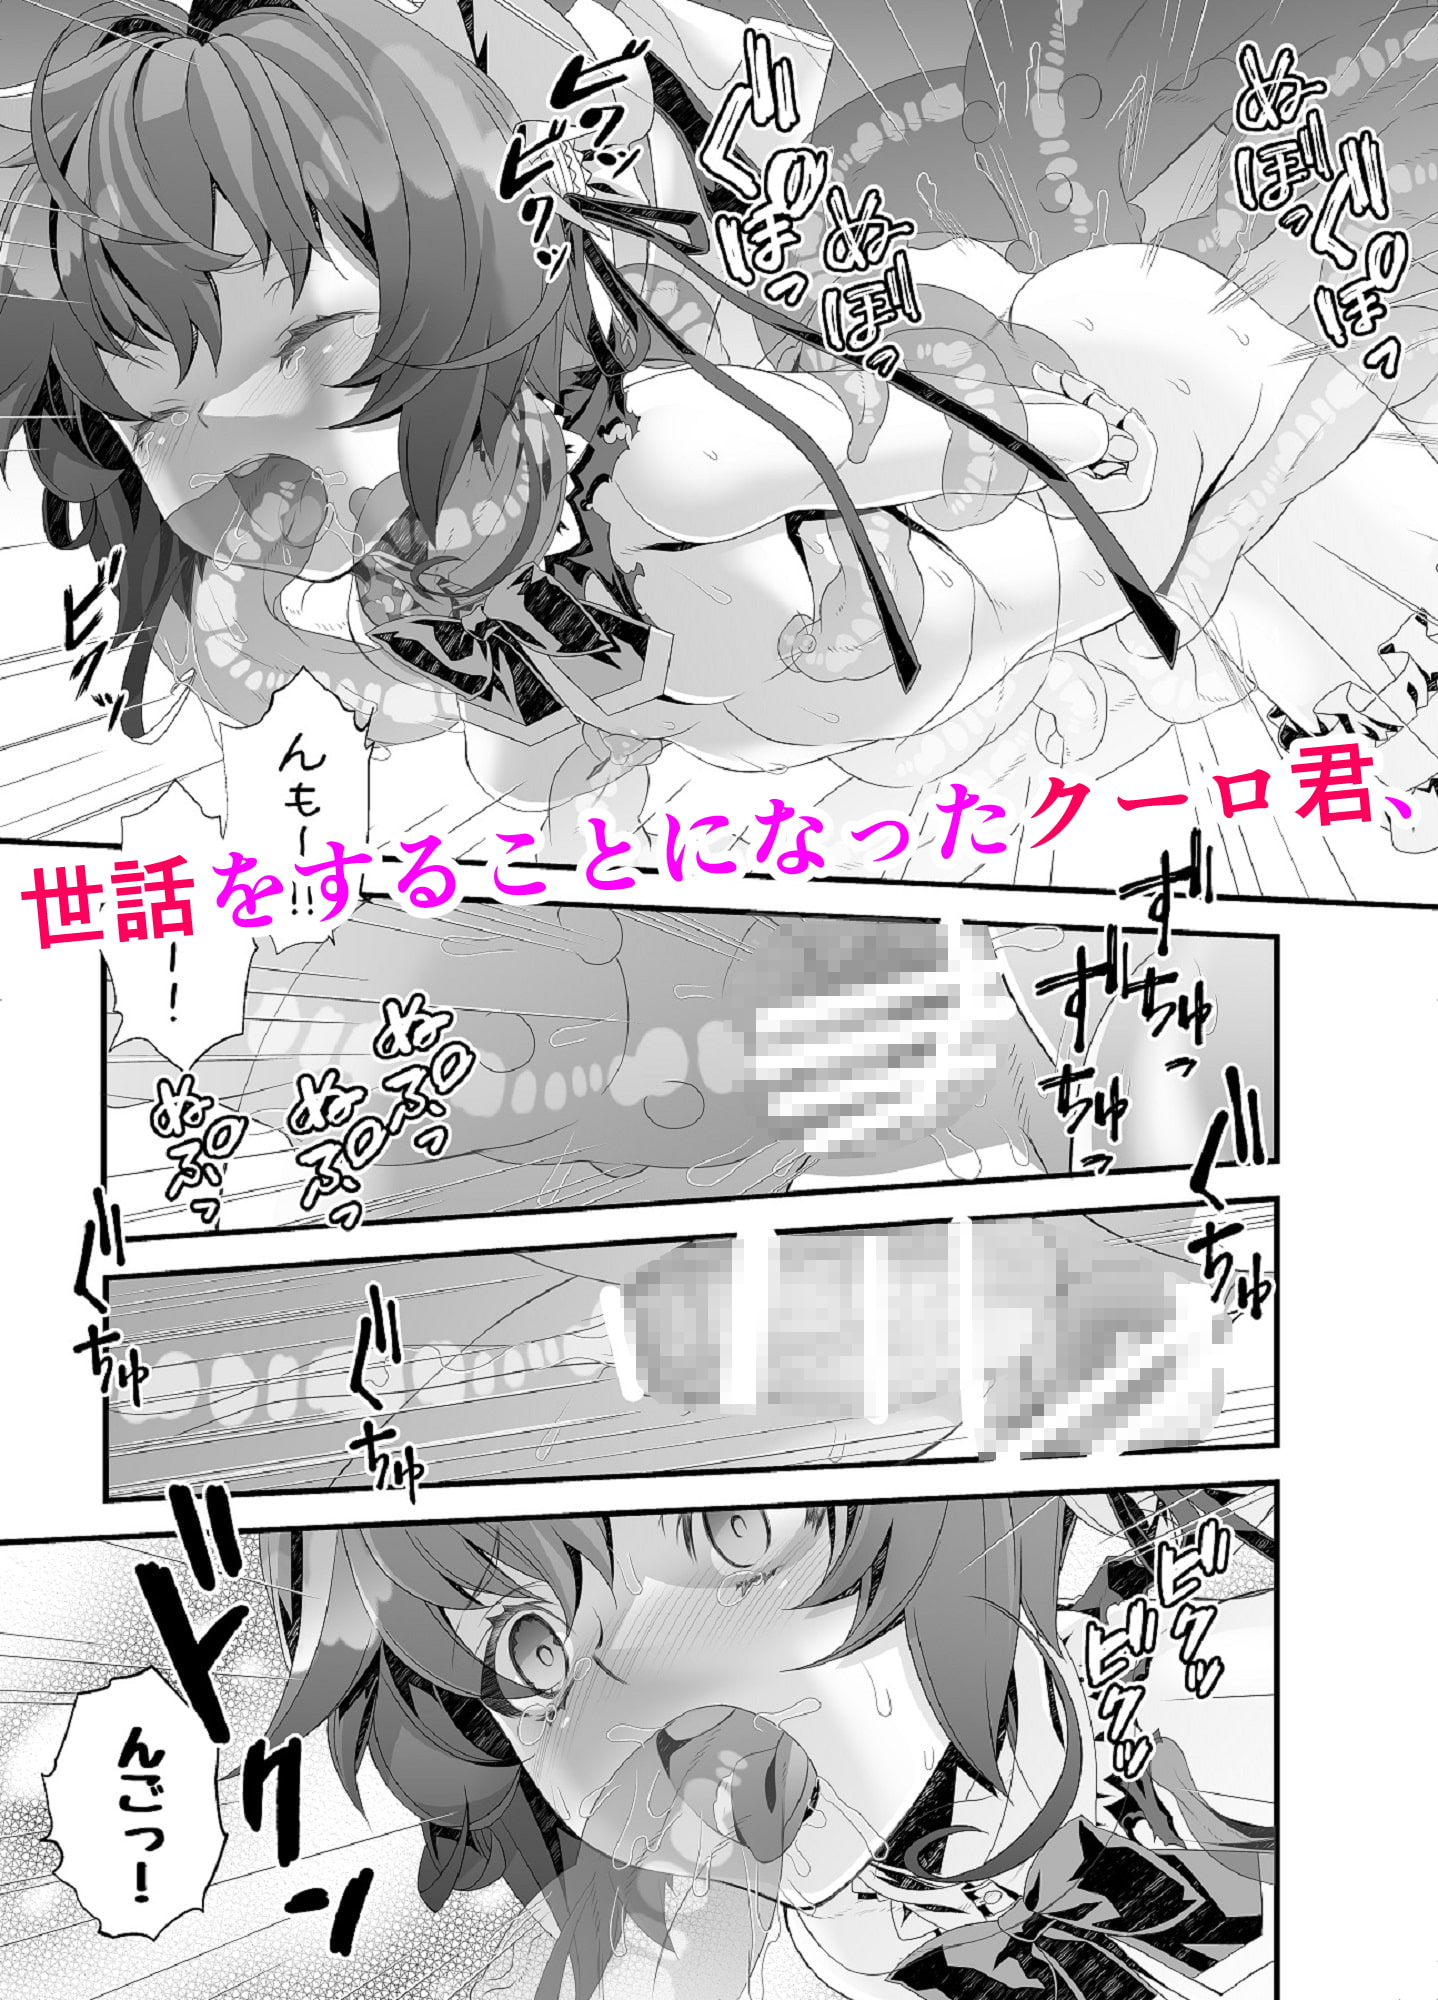 少年メイドクーロ君 ~宇宙的恐怖編~のサンプル画像